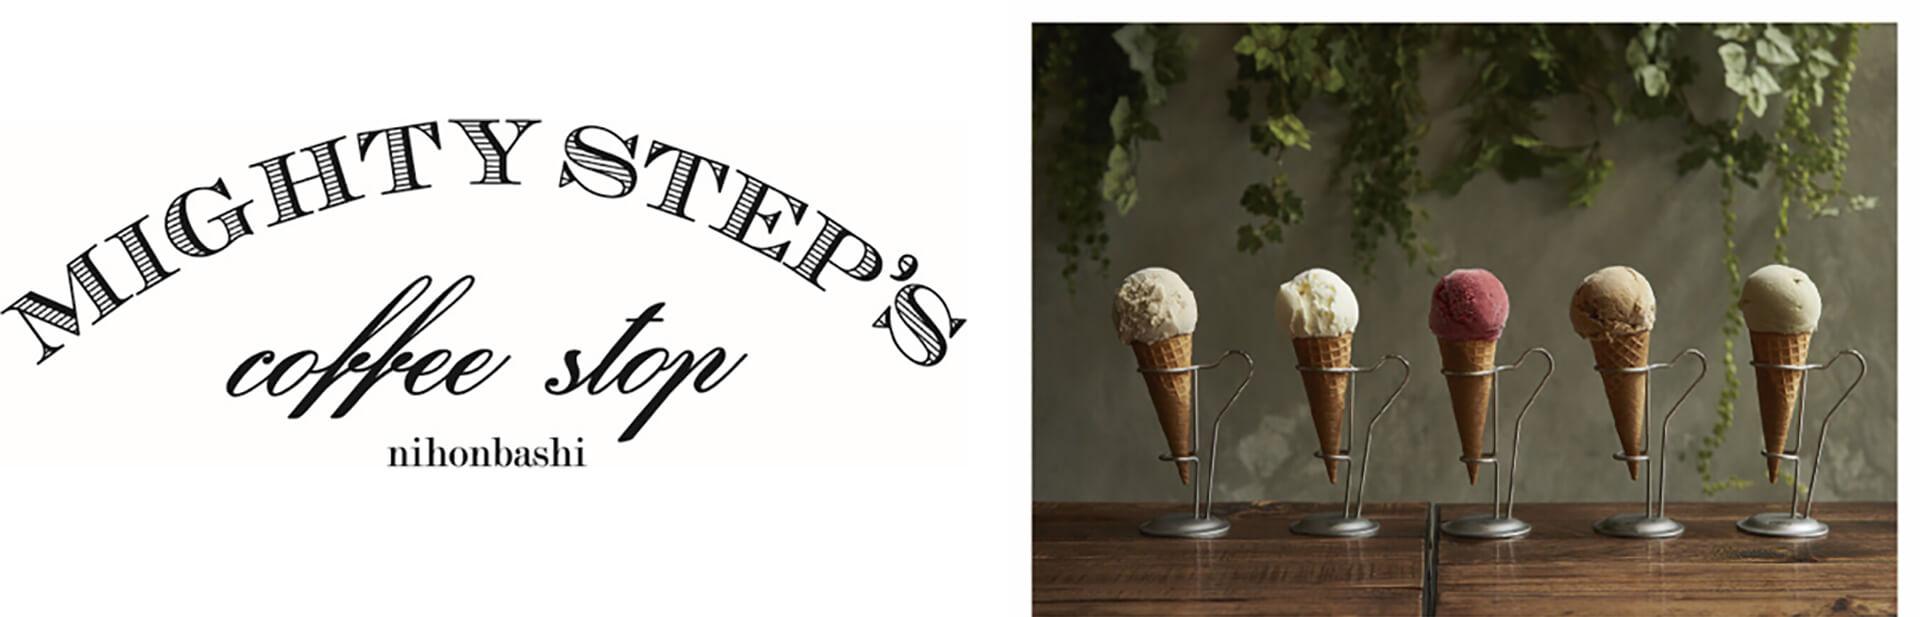 青山アイスクリームパークに参加する、Mighty Step's Coffee stopのロゴと商品です